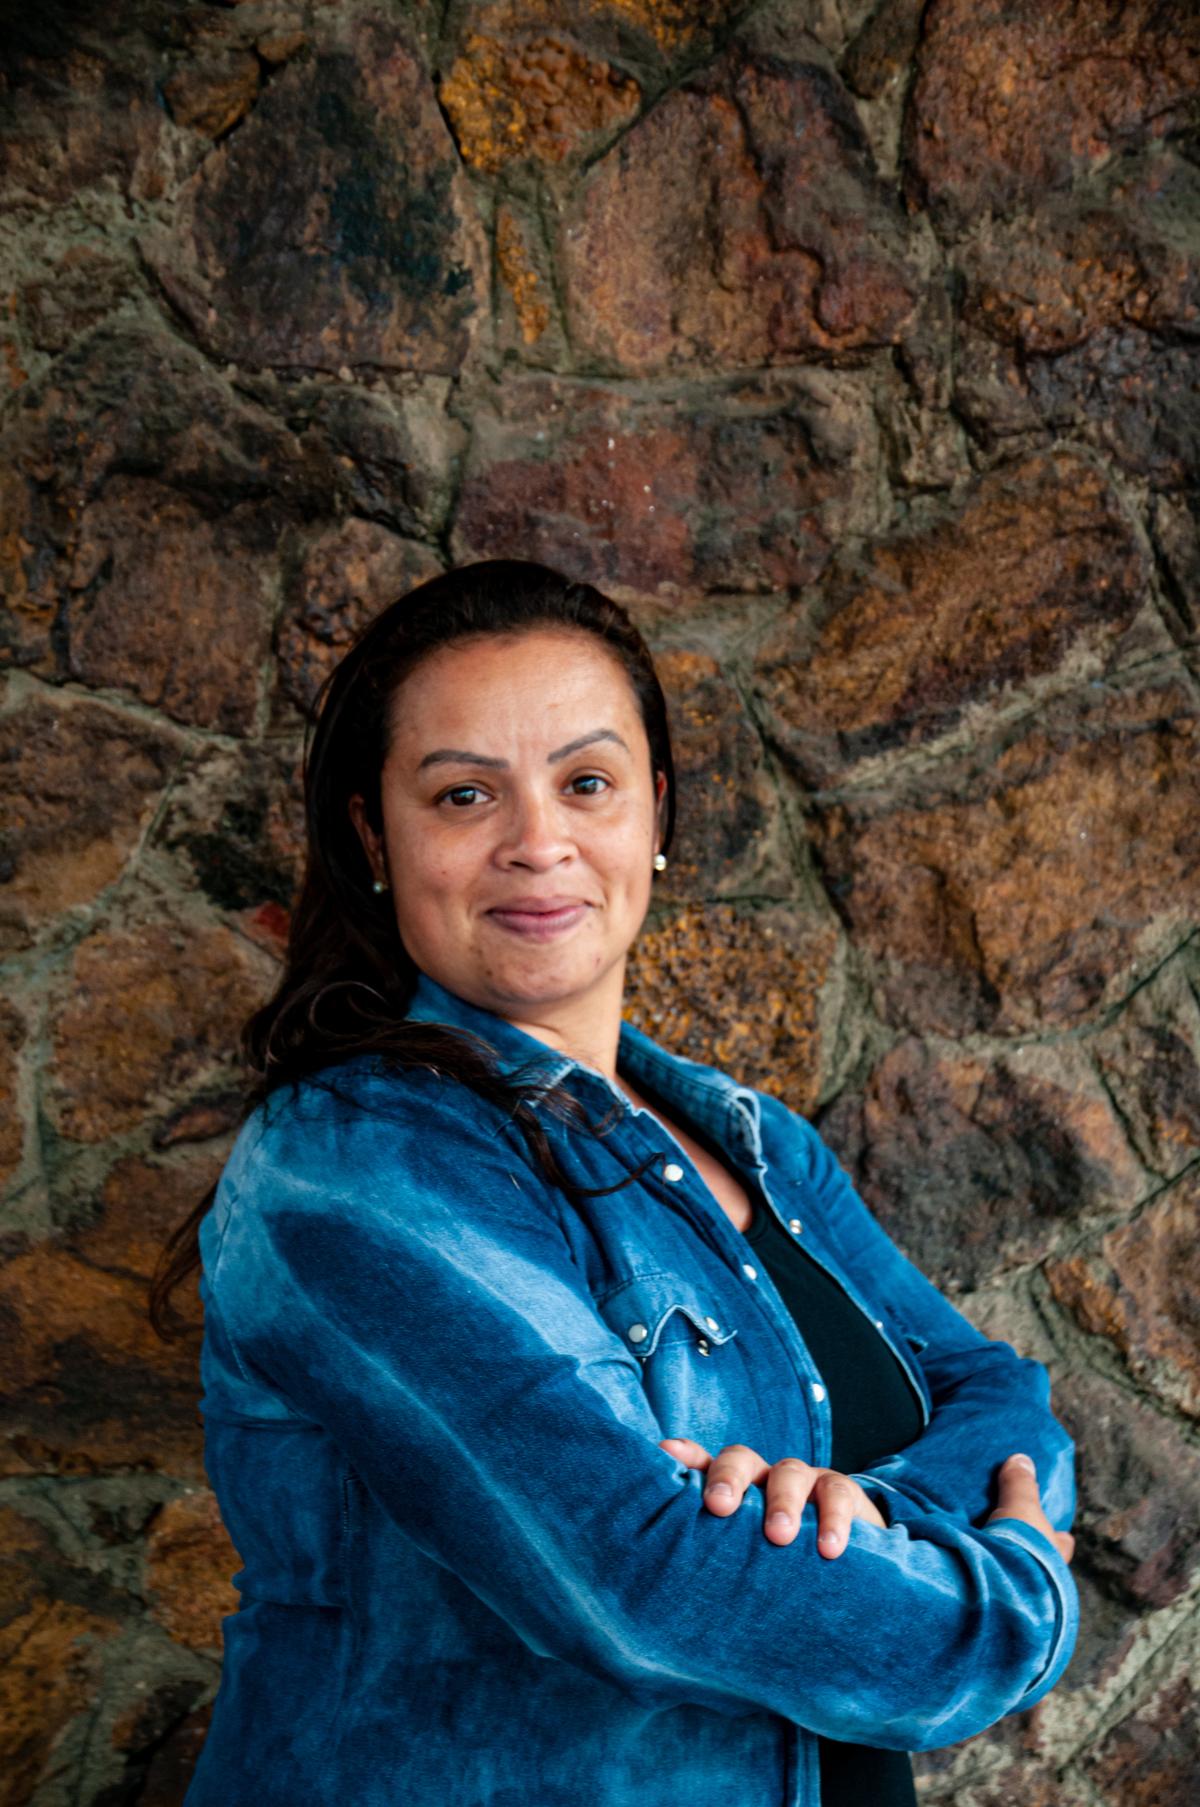 25ª Michele A beleza de uma mulher está nas qualidades que ela demonstra quando a conhecemos verdadeiramente.